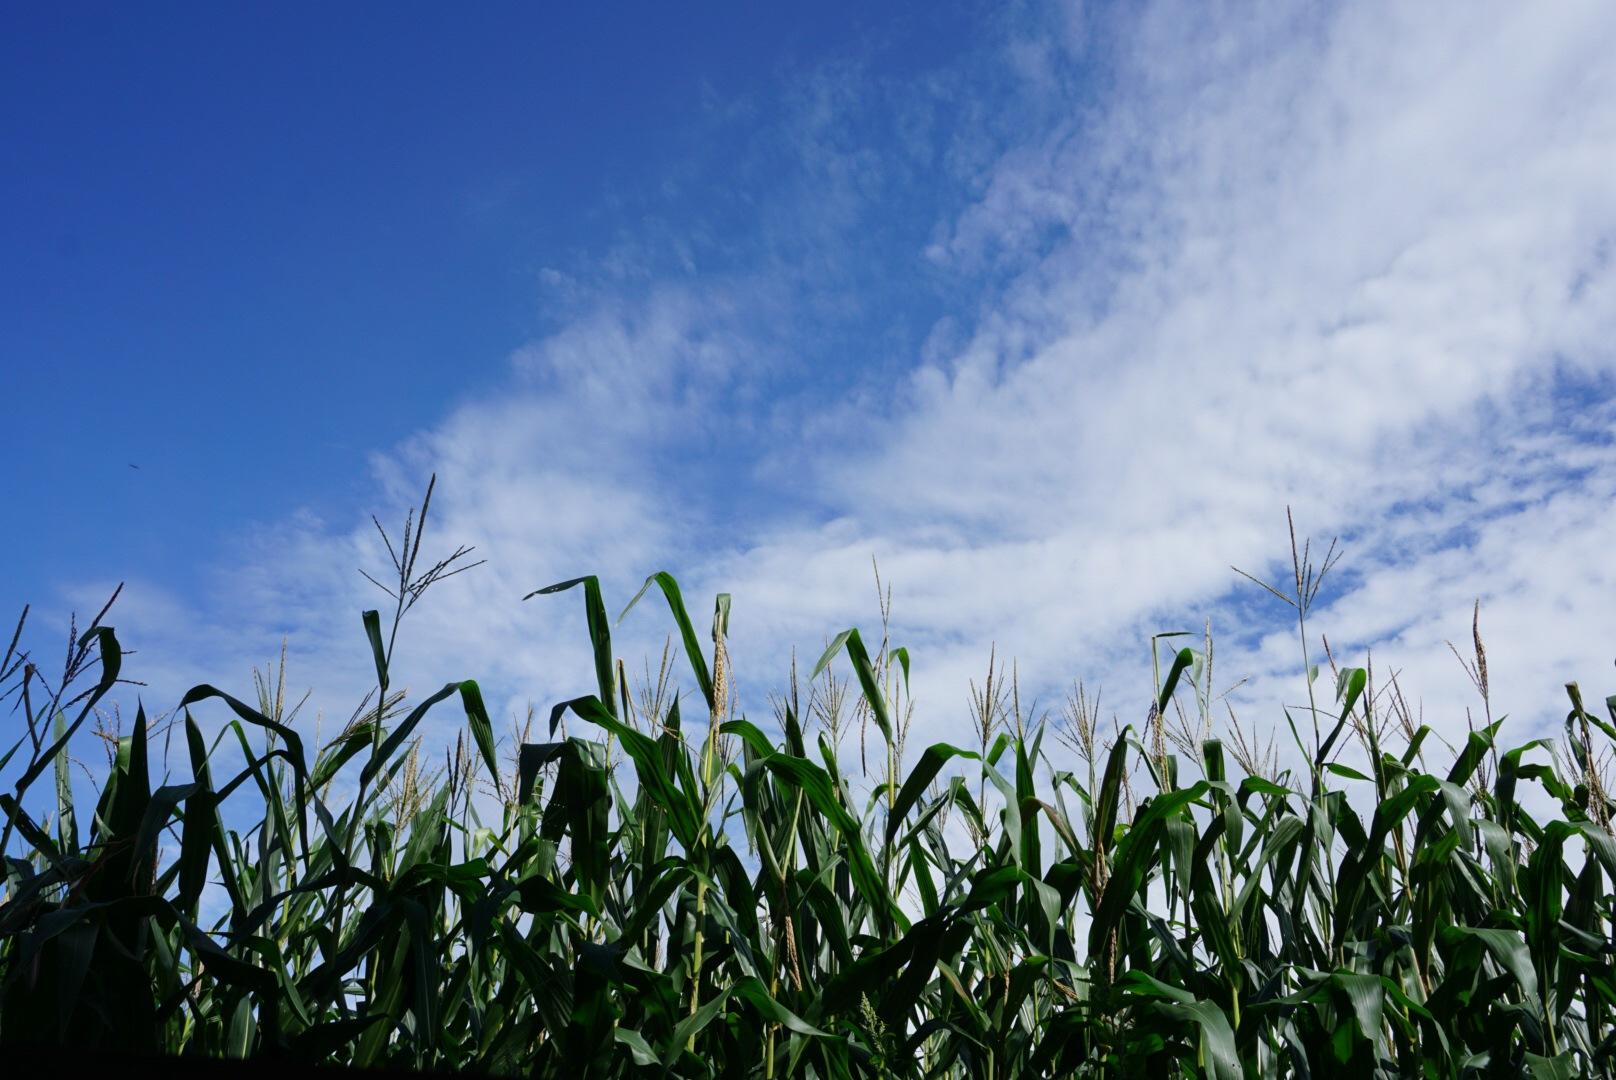 トウモロコシ畑 by HIRO